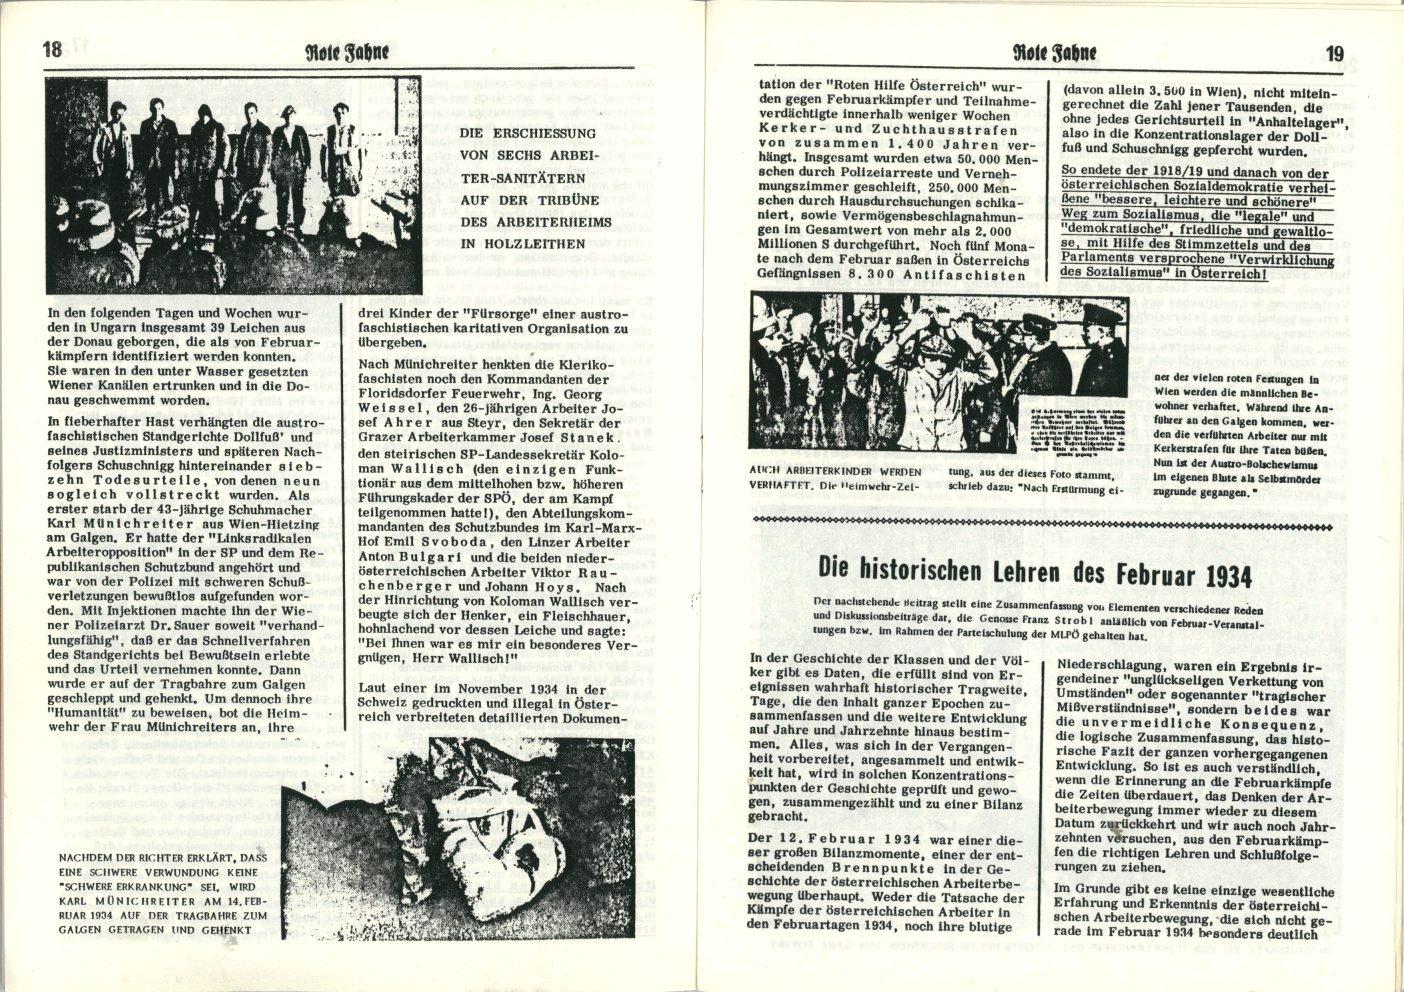 MLPOe_Lehren_des_12_Februar_1934_1984_10